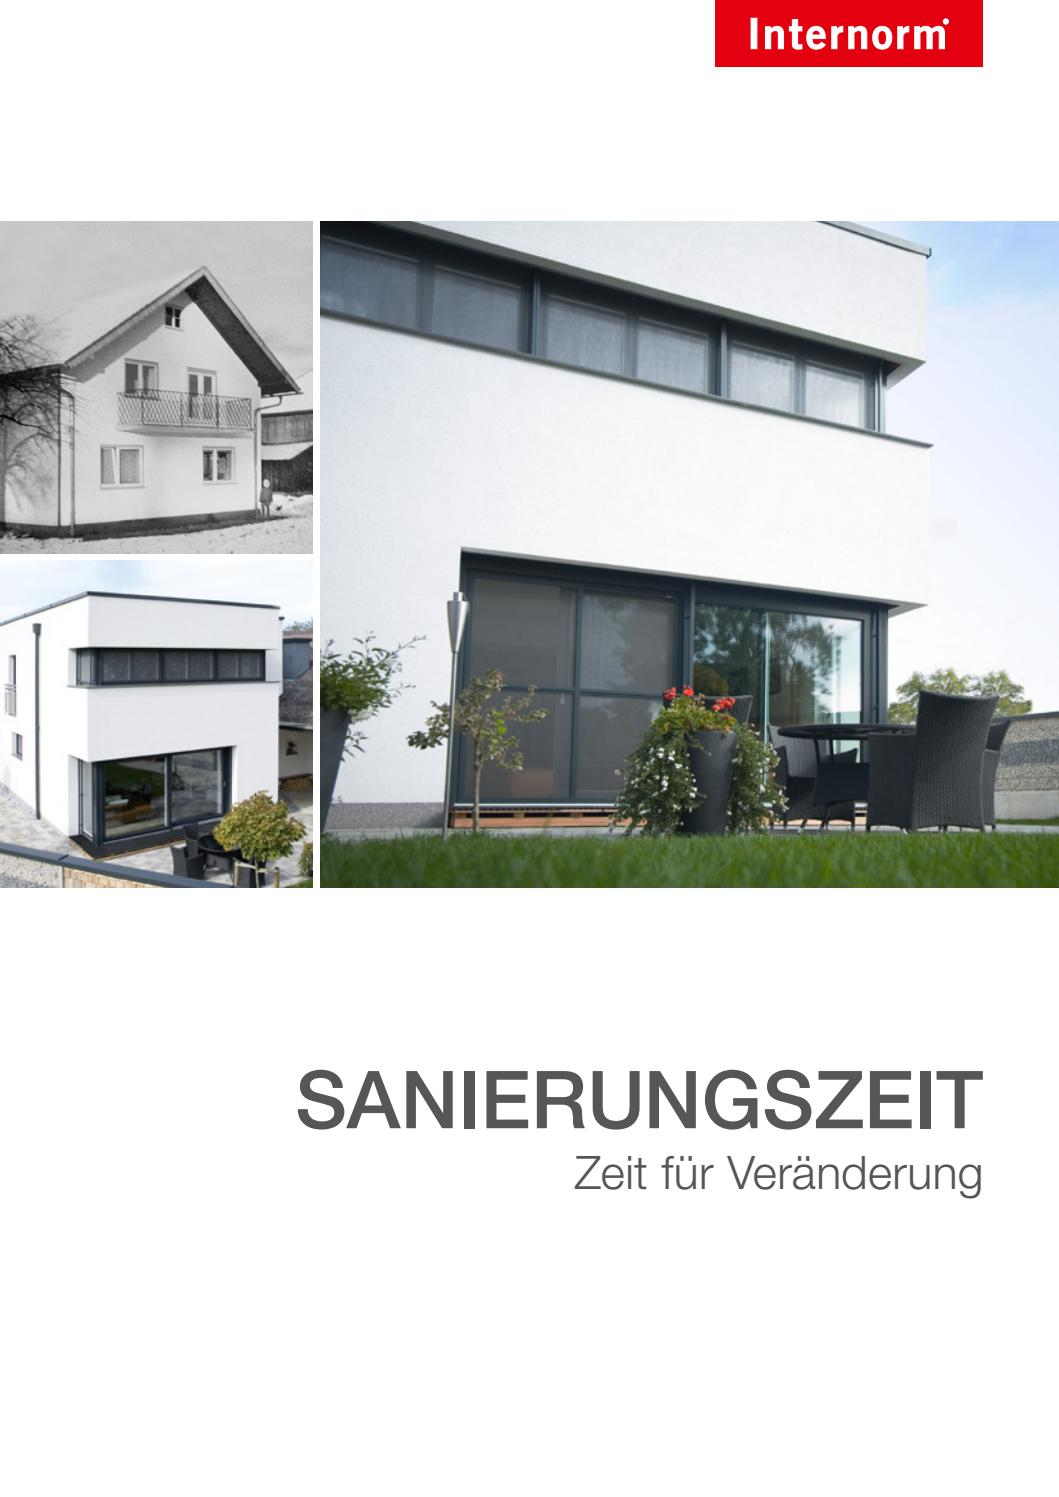 Internorm Folder Sanierung: schnell und problemlos Fenster tauschen ...